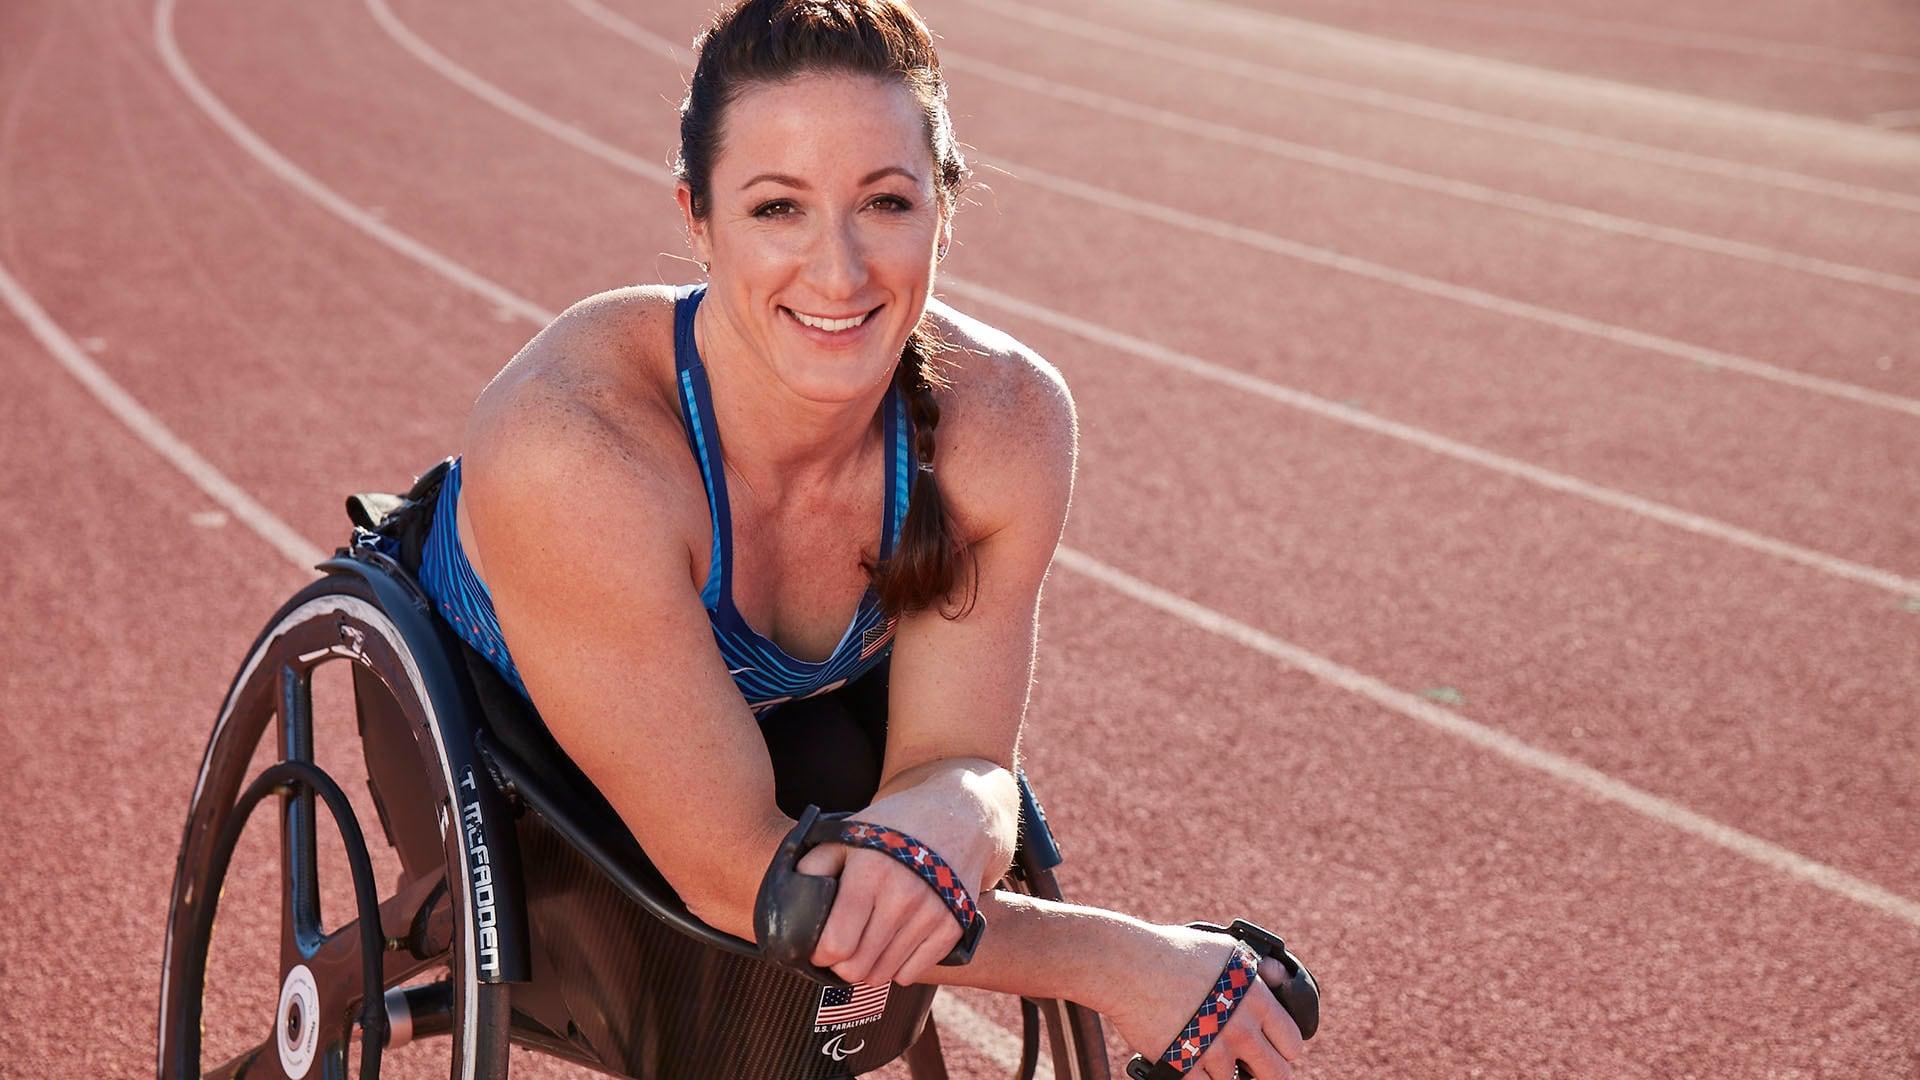 Встречайте Паралимпийские игры: Татьяна Макфадден